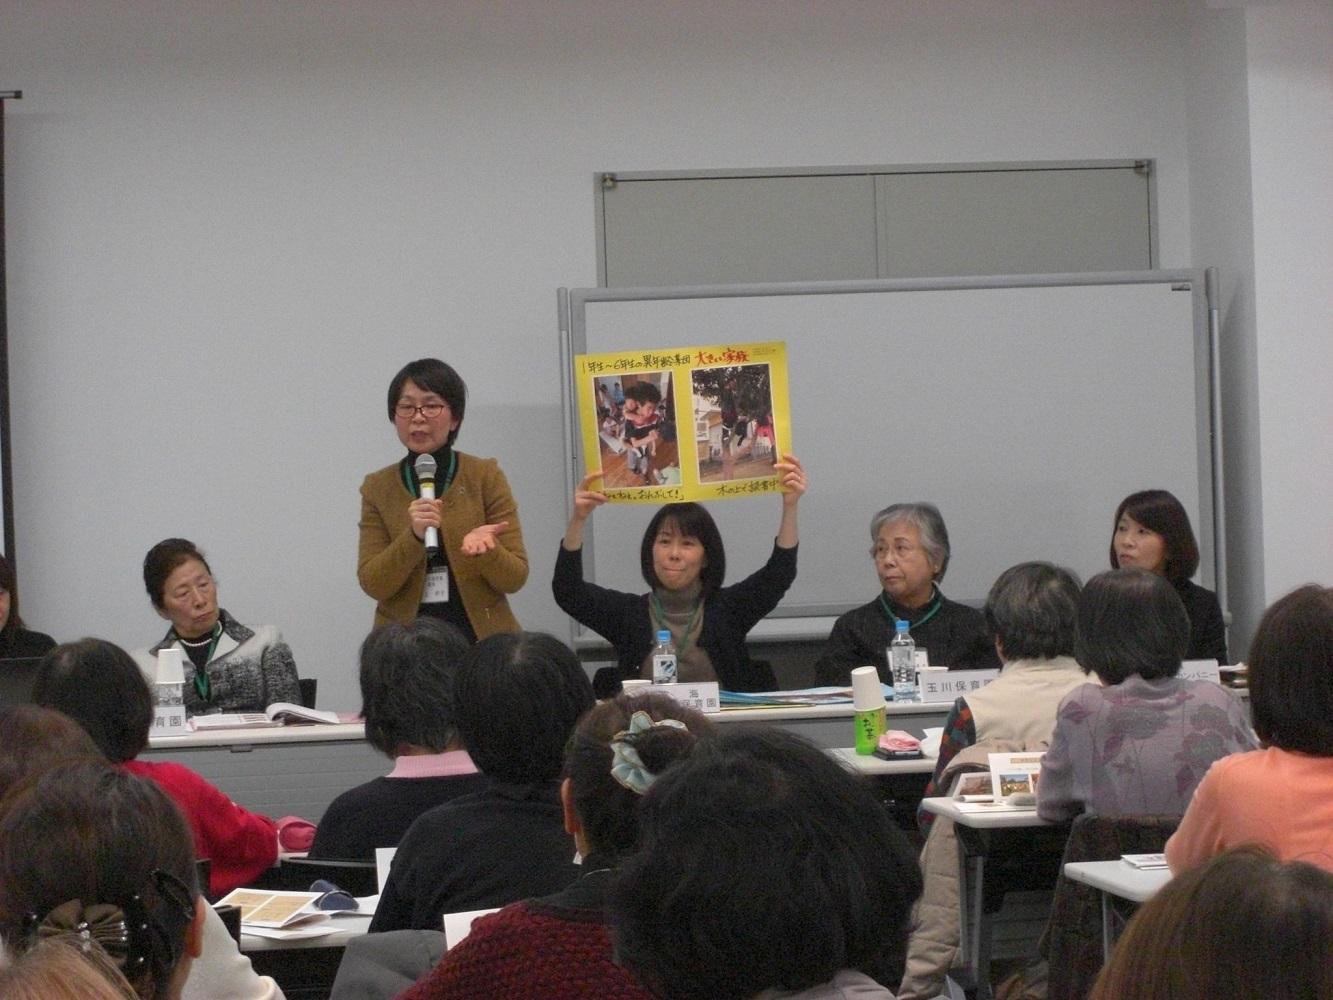 平成30年度第6回フォローアップ研修会「保育園で働くための基礎講座」を開催しました